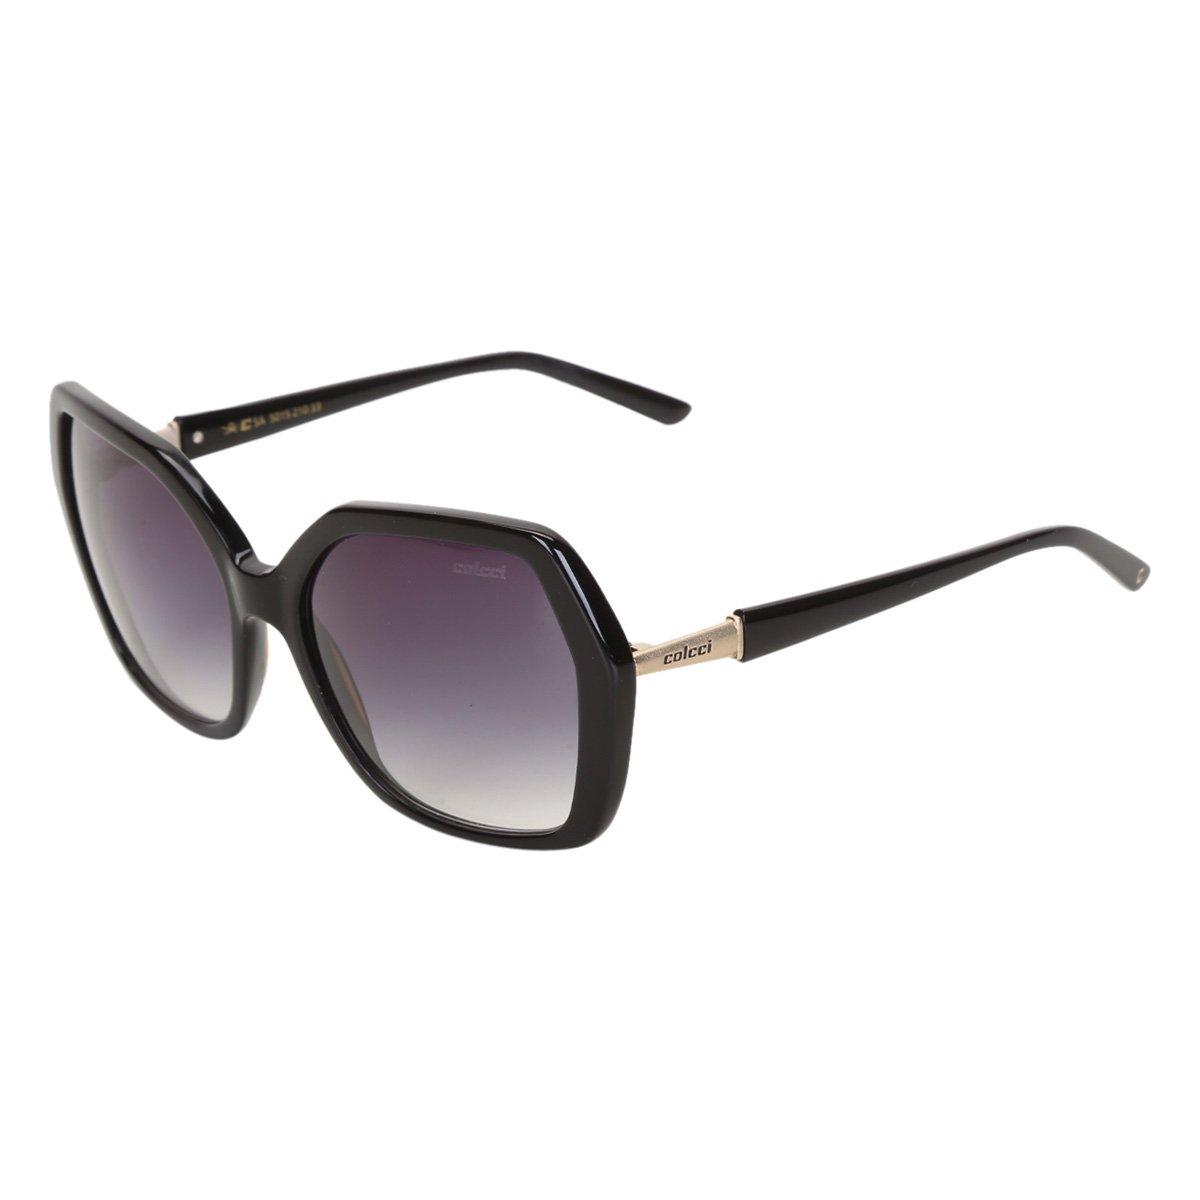 Óculos de Sol Colcci Geométrico 501521033 Feminino